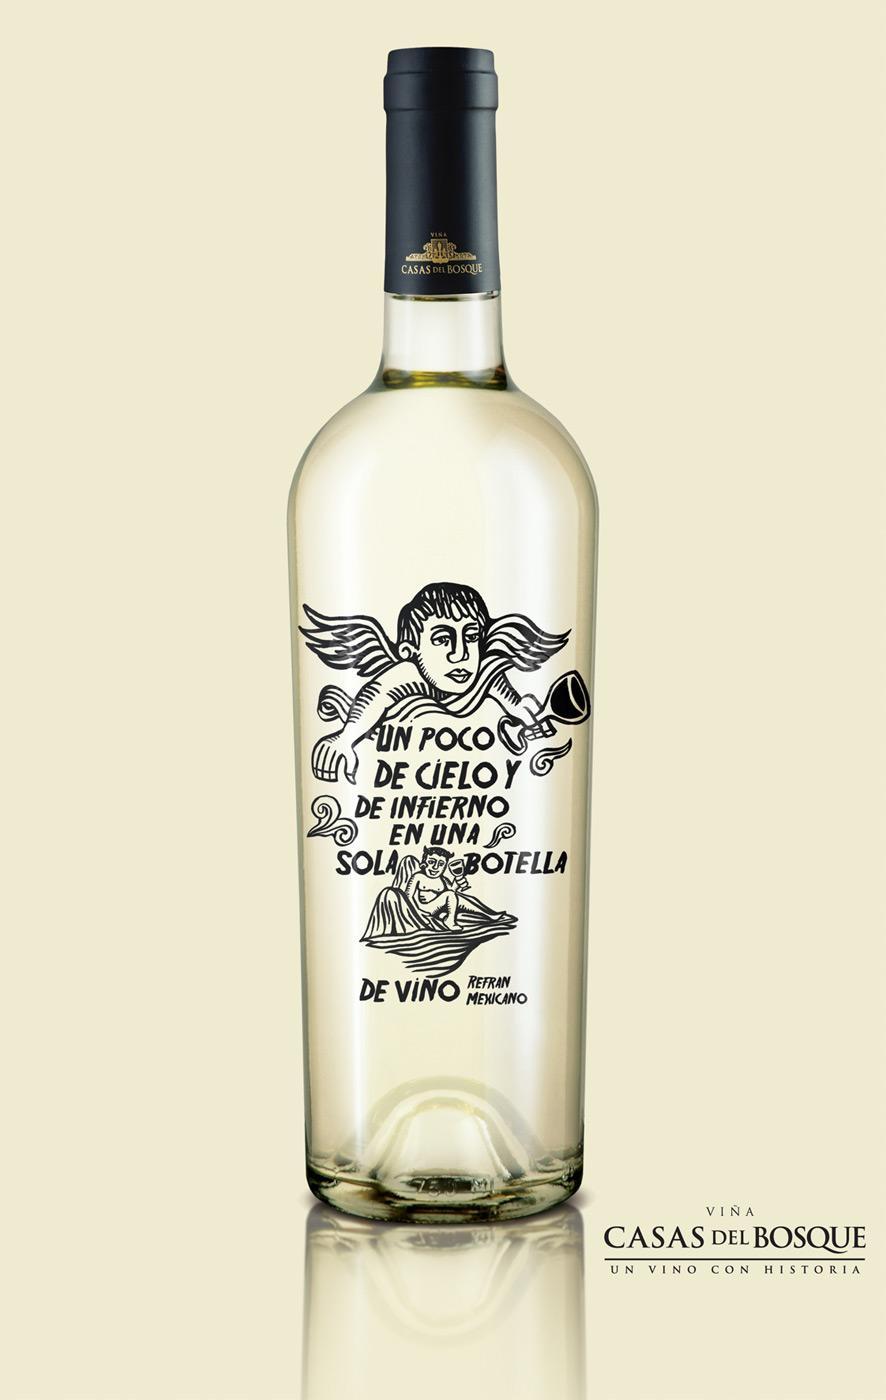 Art in Bottles, 5